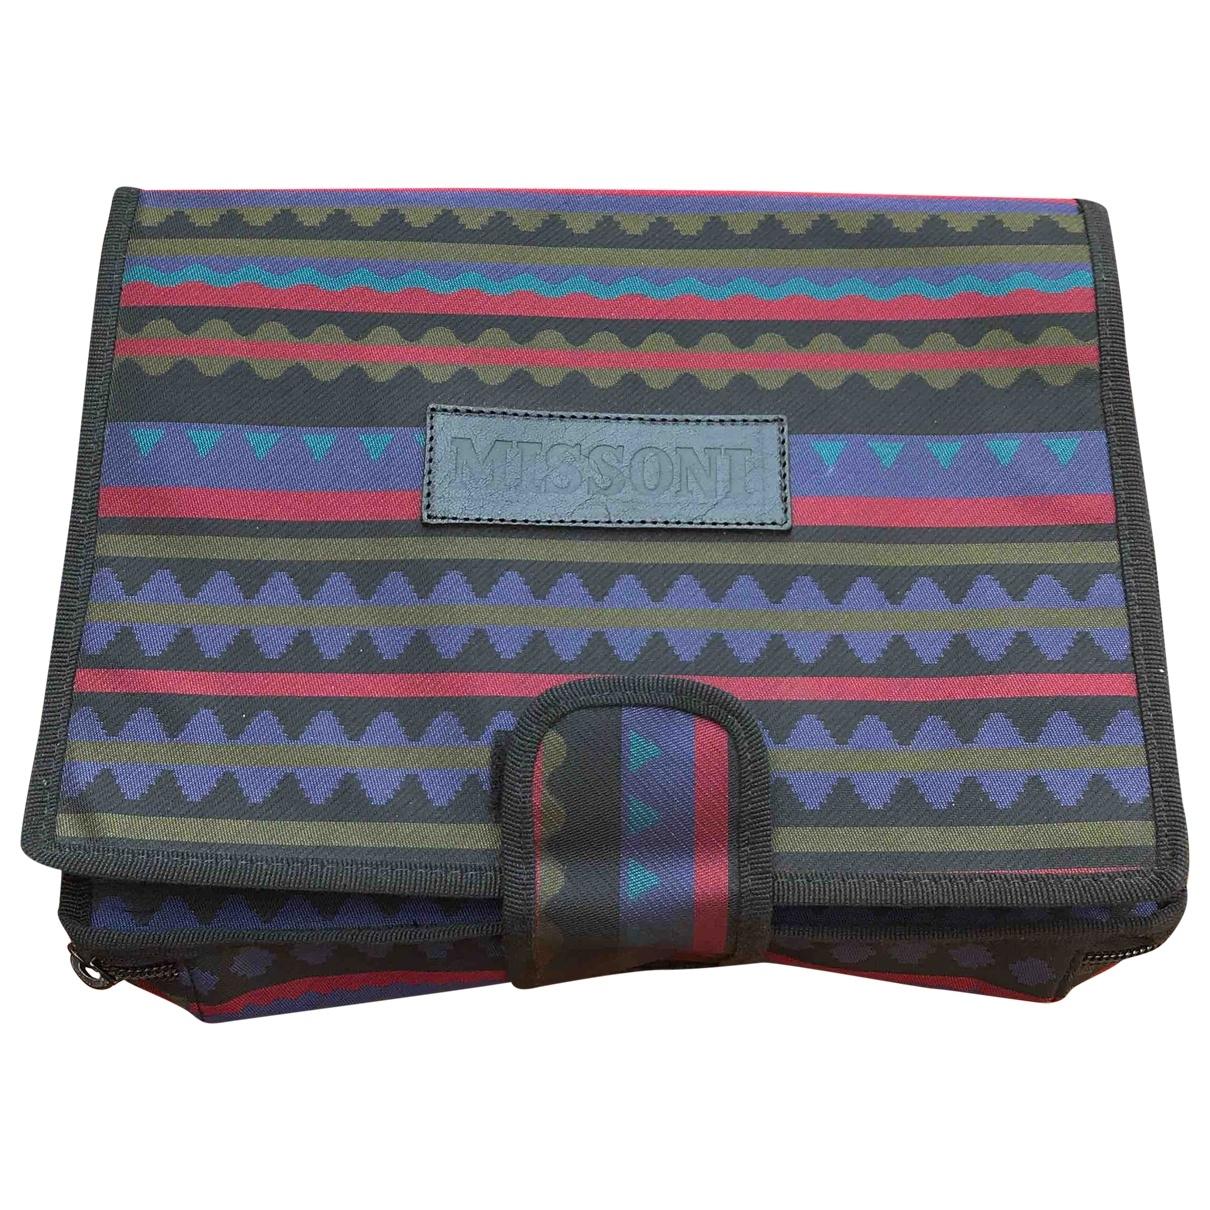 Bolsos clutch en Sintetico Multicolor Missoni